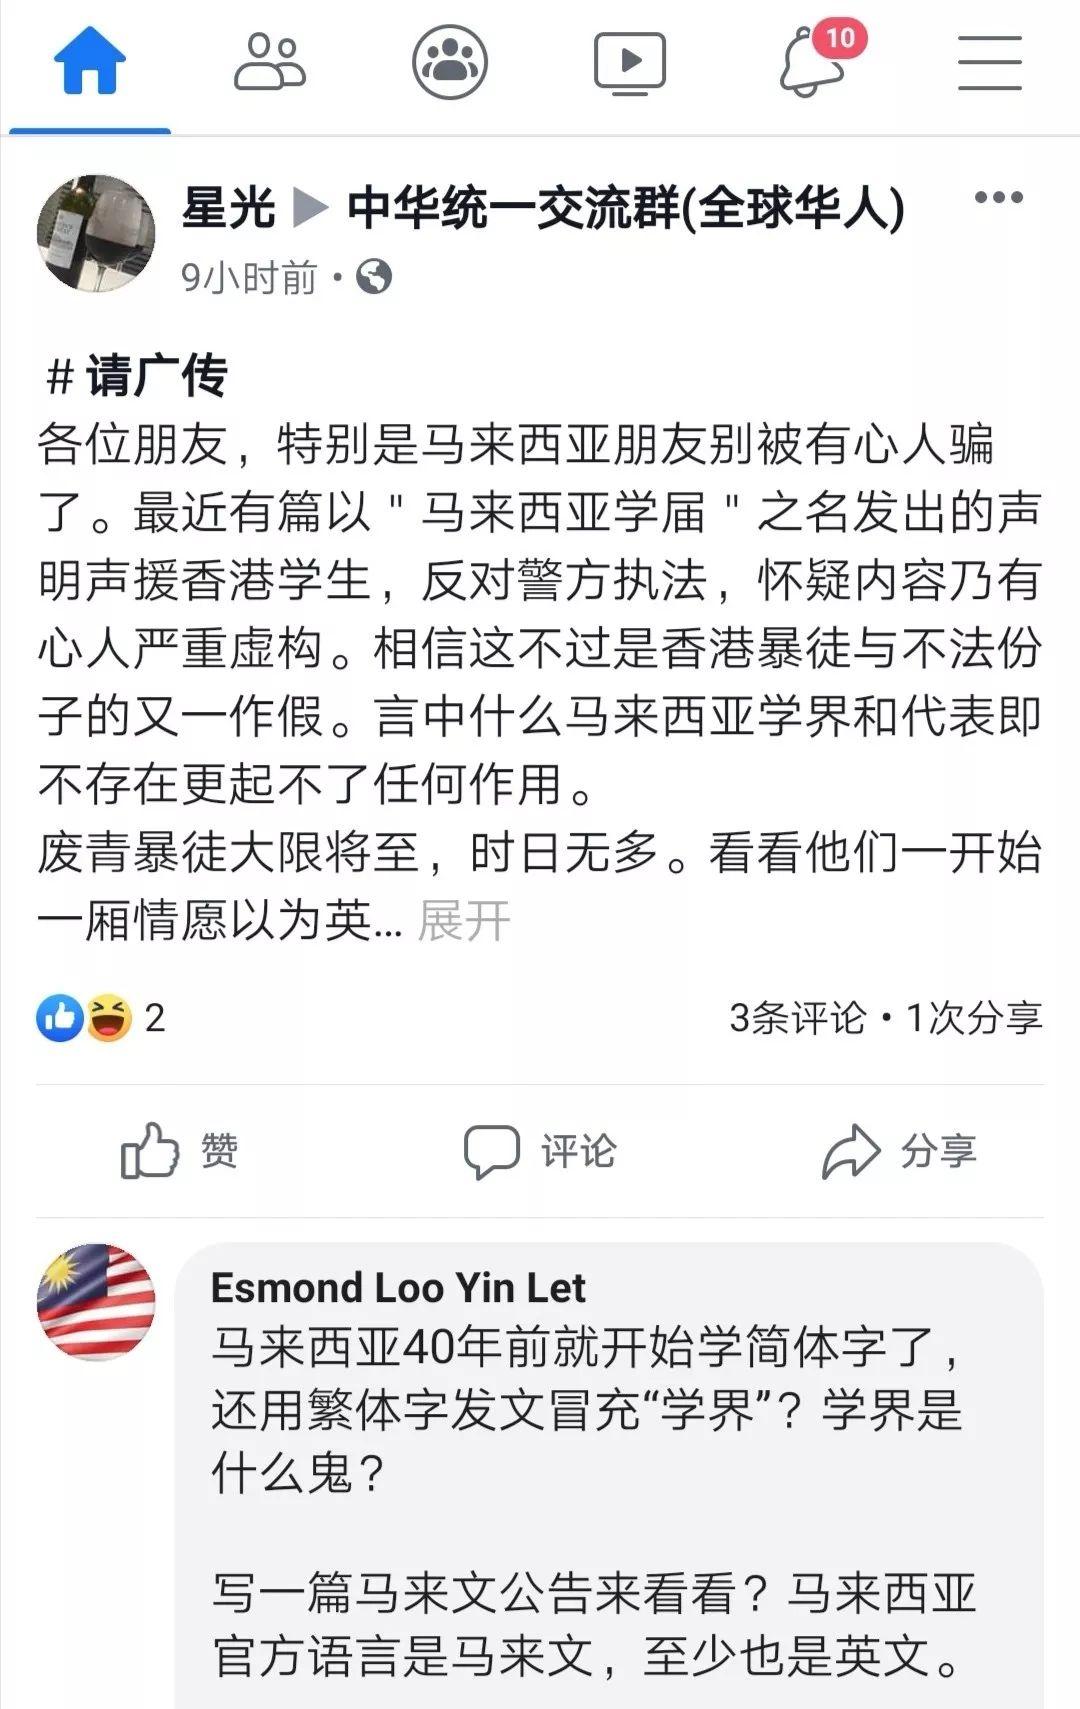 2019年全年正版梅花诗·判了!中国留德男学生遇害惨遭分尸,凶手却只是被判入院治疗...